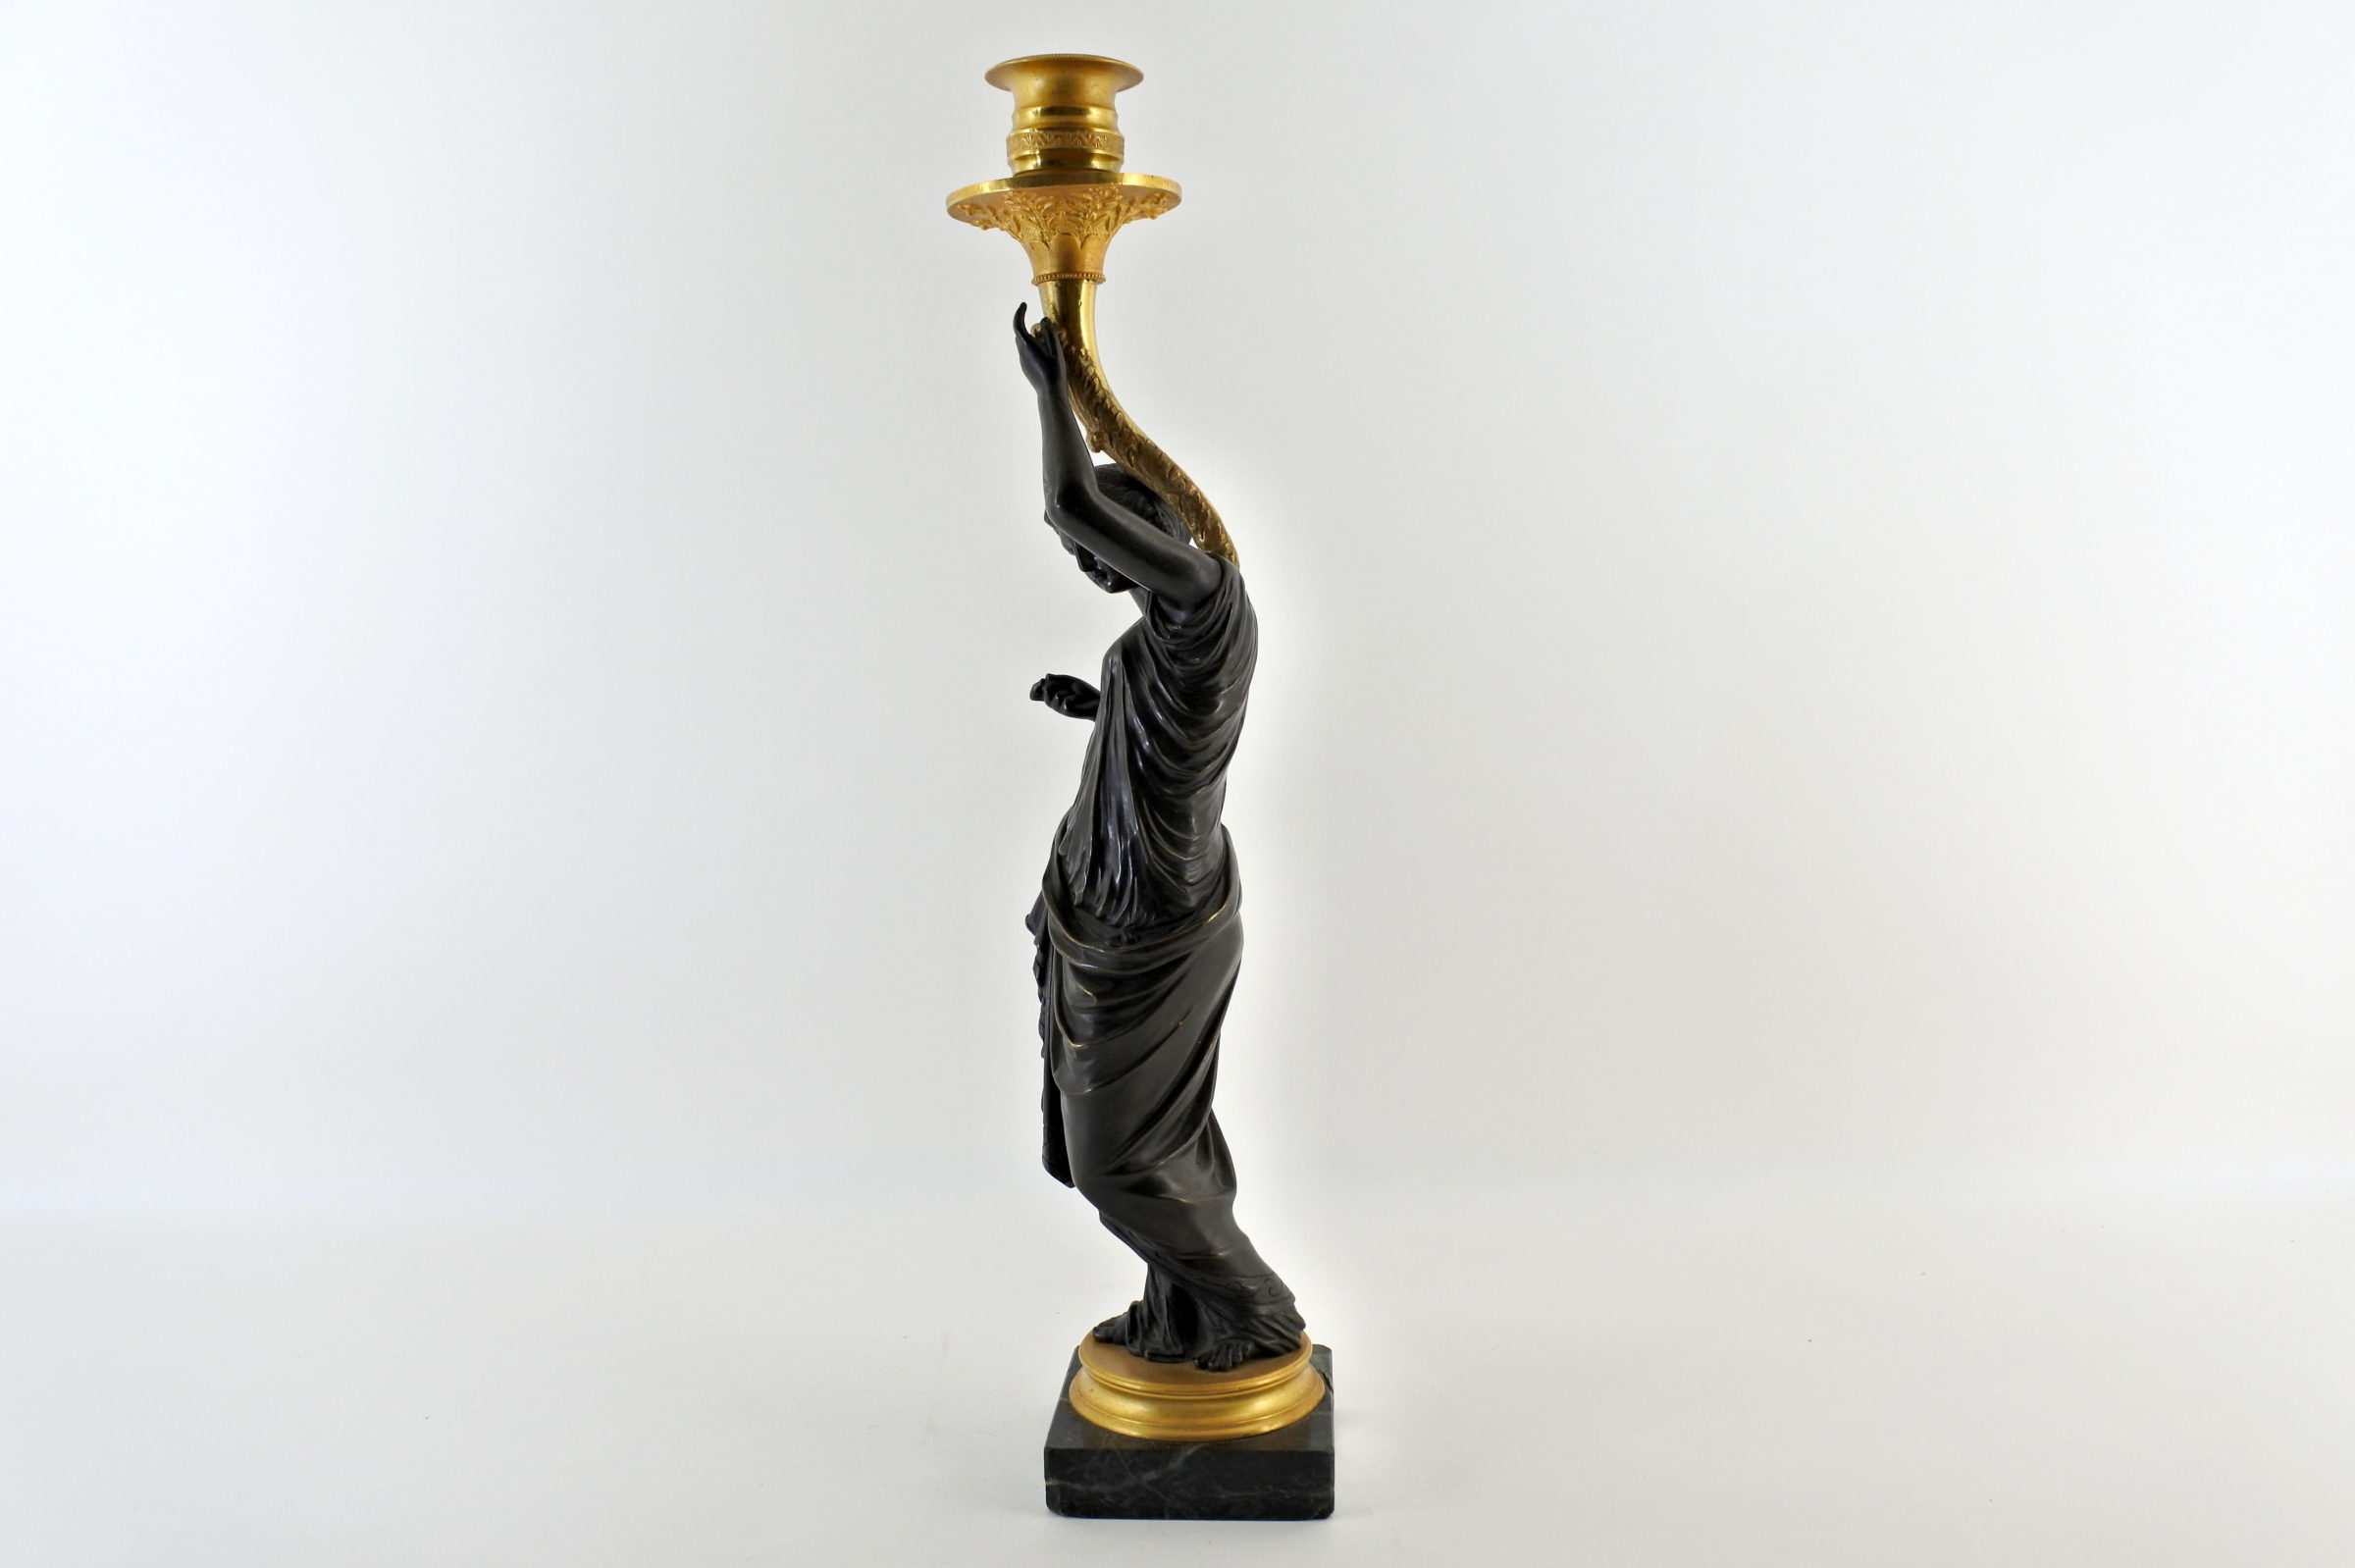 Candeliere in bronzo con parti dorate al mercurio - 2